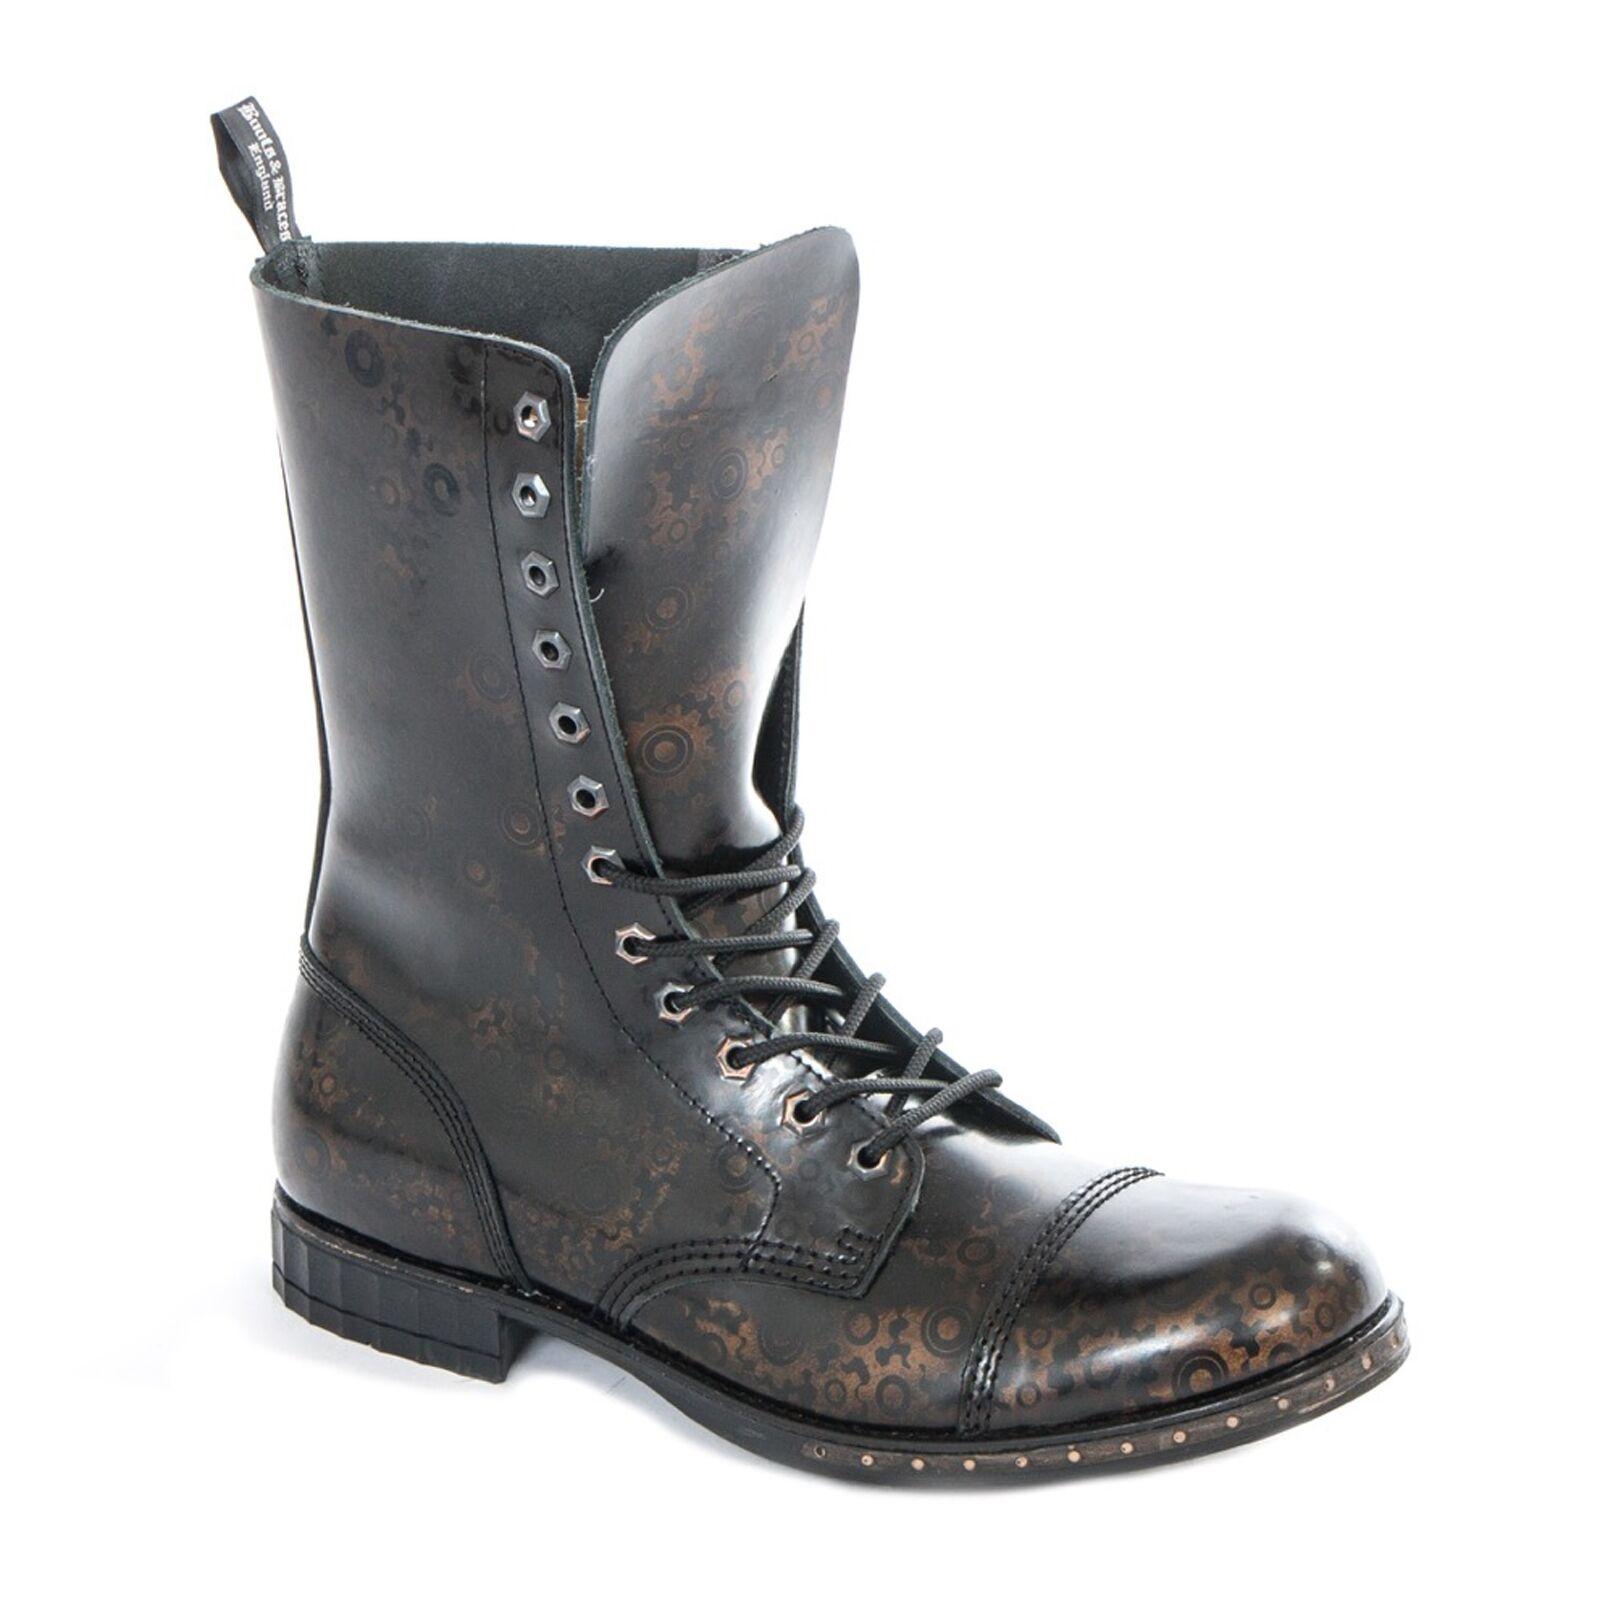 Grandes zapatos con descuento Boots & Braces - 12 Loch Steampunk GEAR Schuhe Gothik Ranger Steam Punk Leder MA